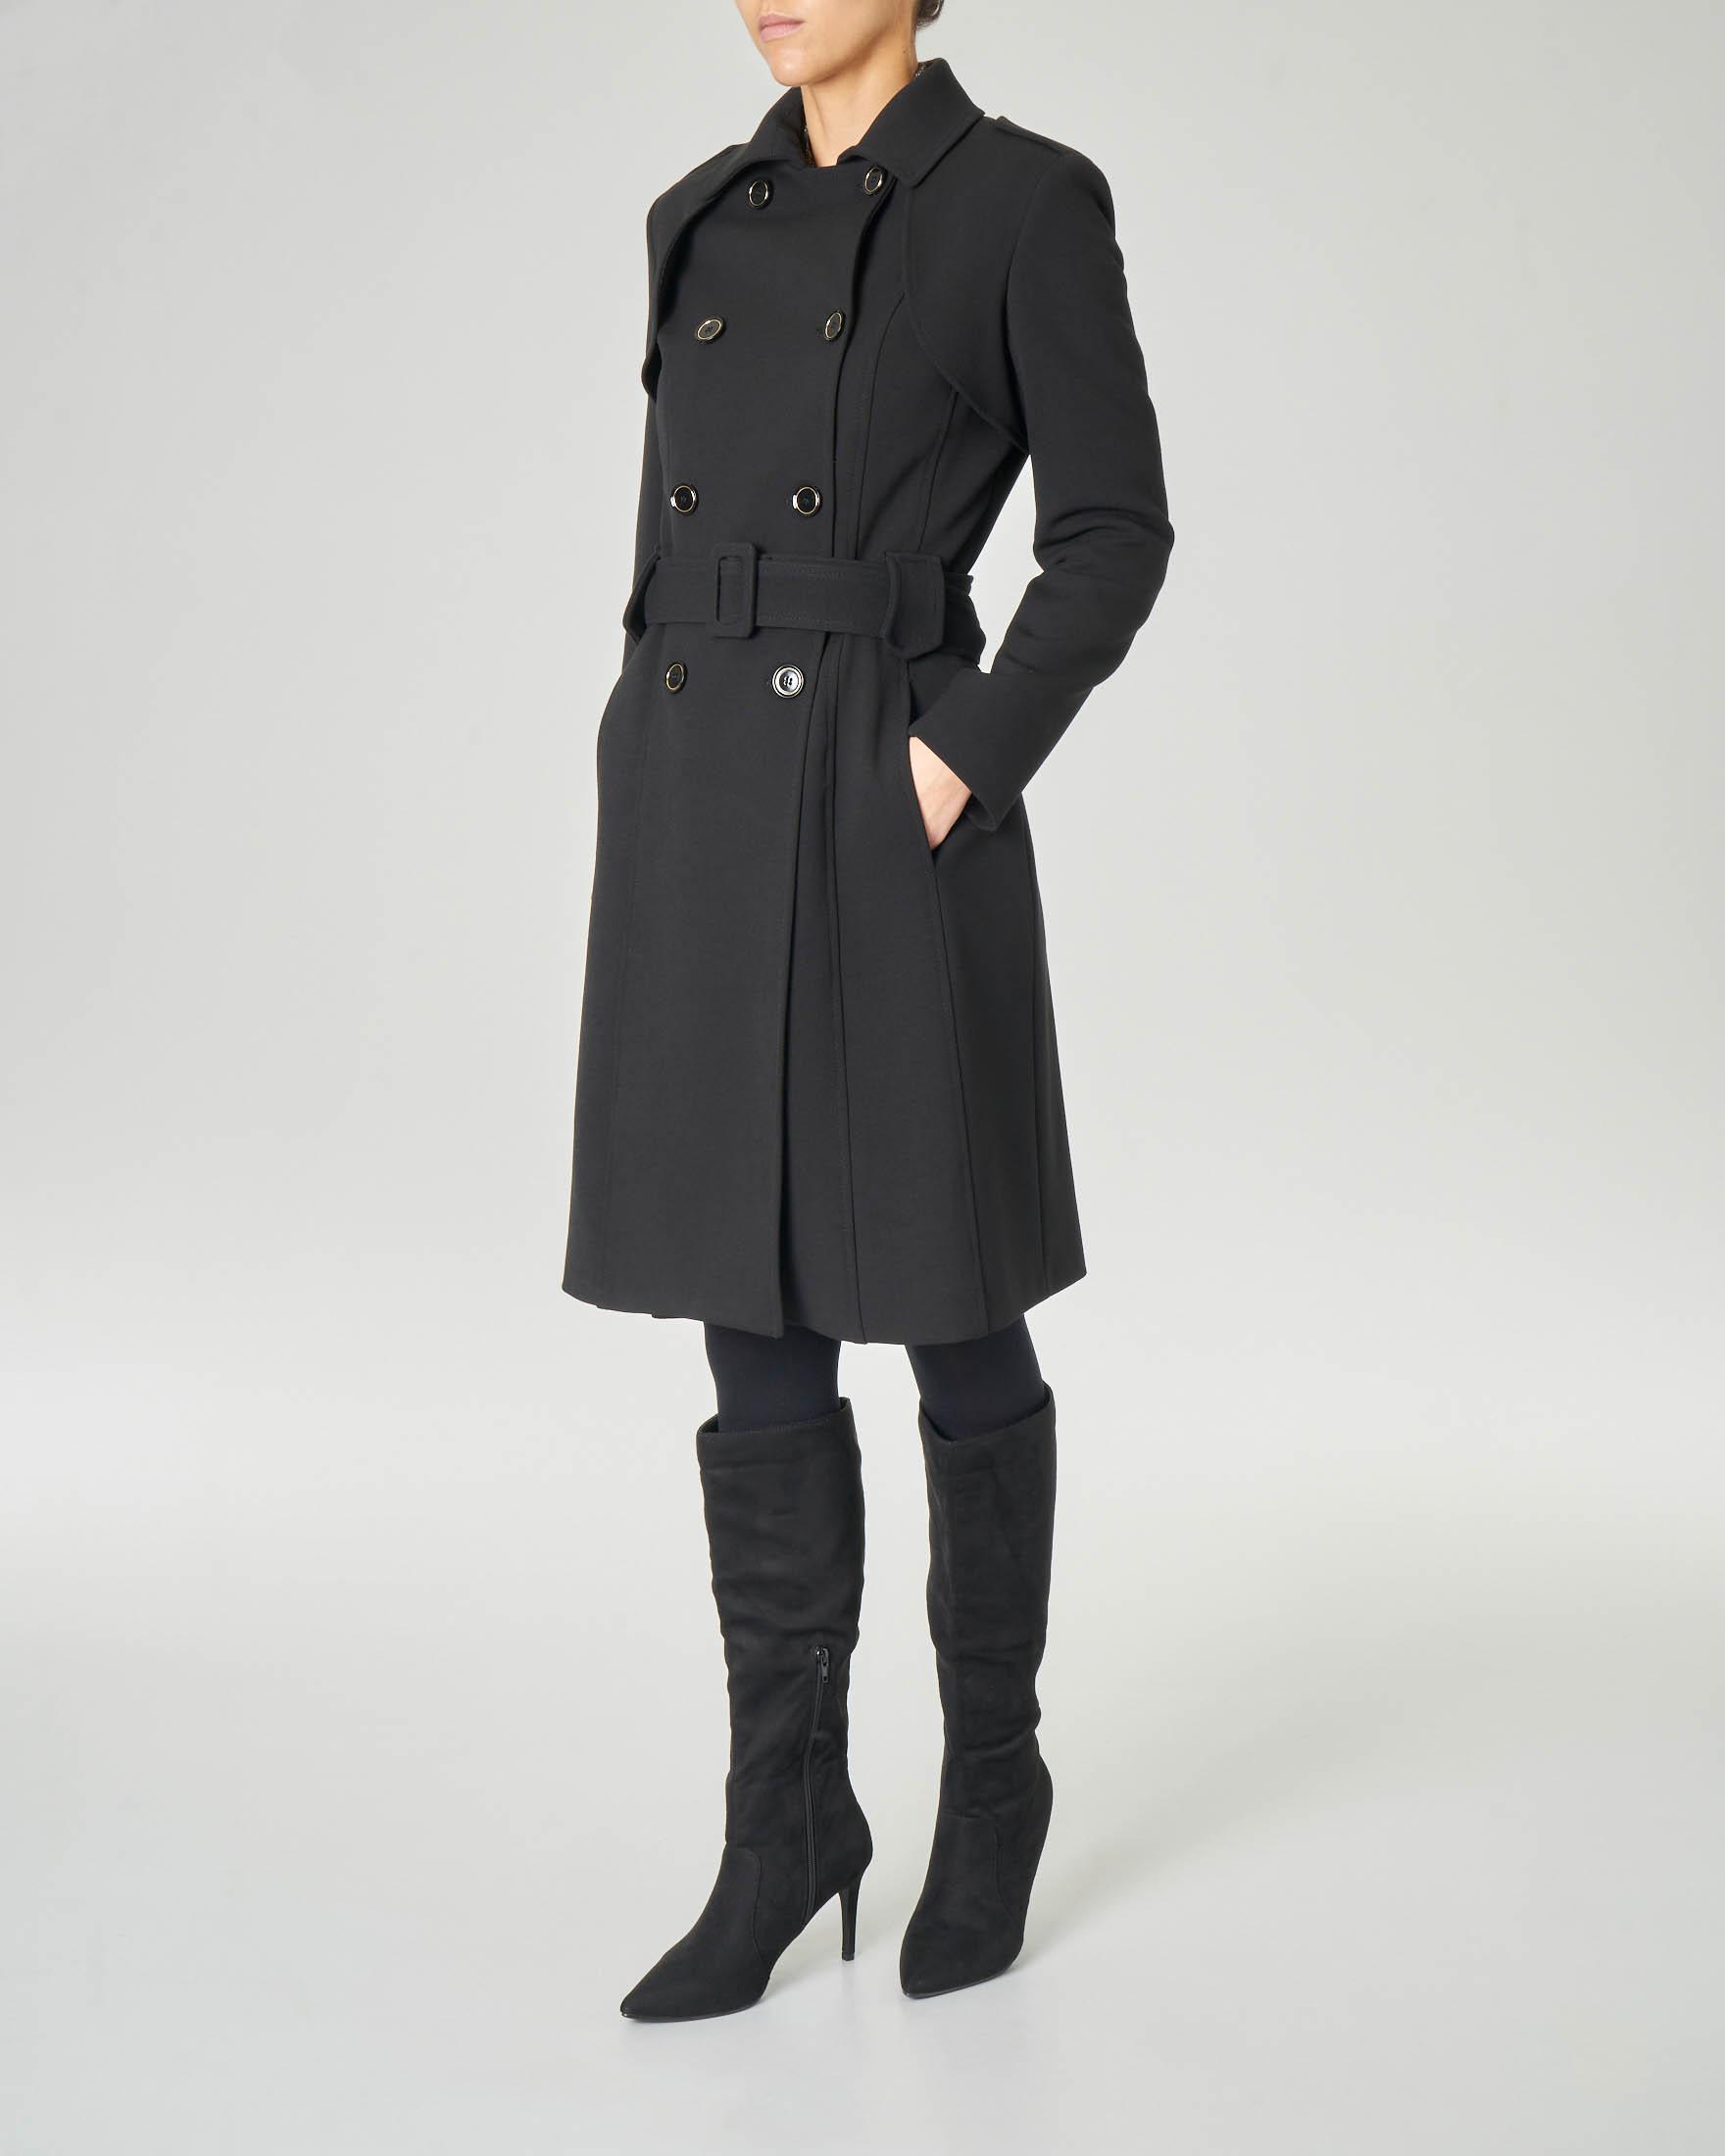 Cappotto nero doppiopetto con cintura in vita e falda sulla schiena